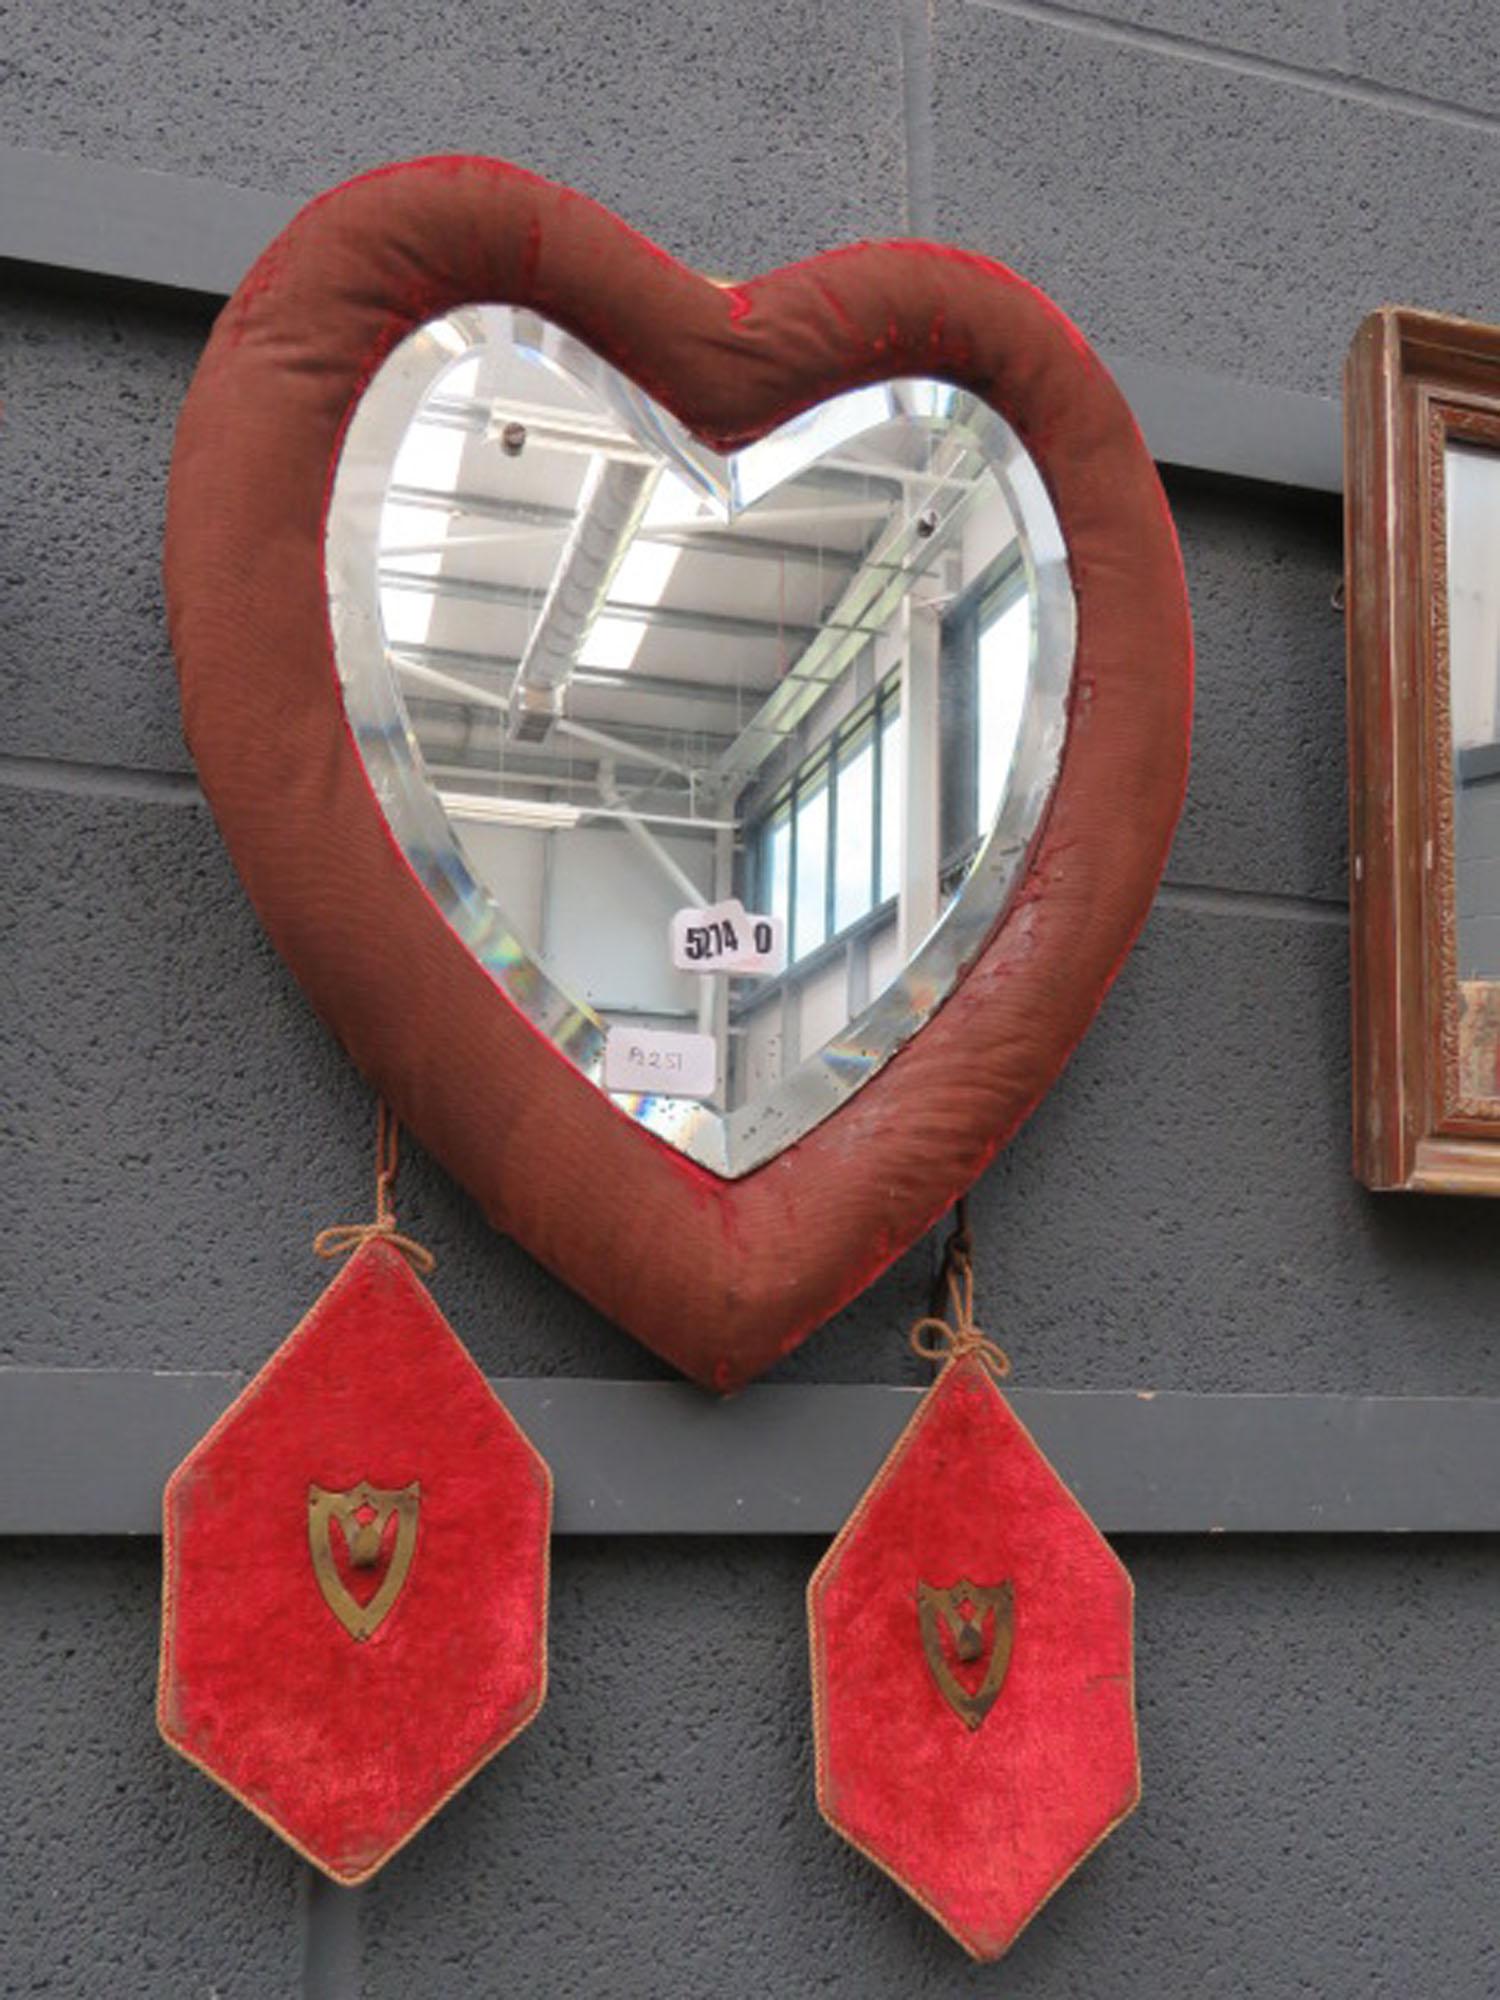 5260 Heart shaped mirror